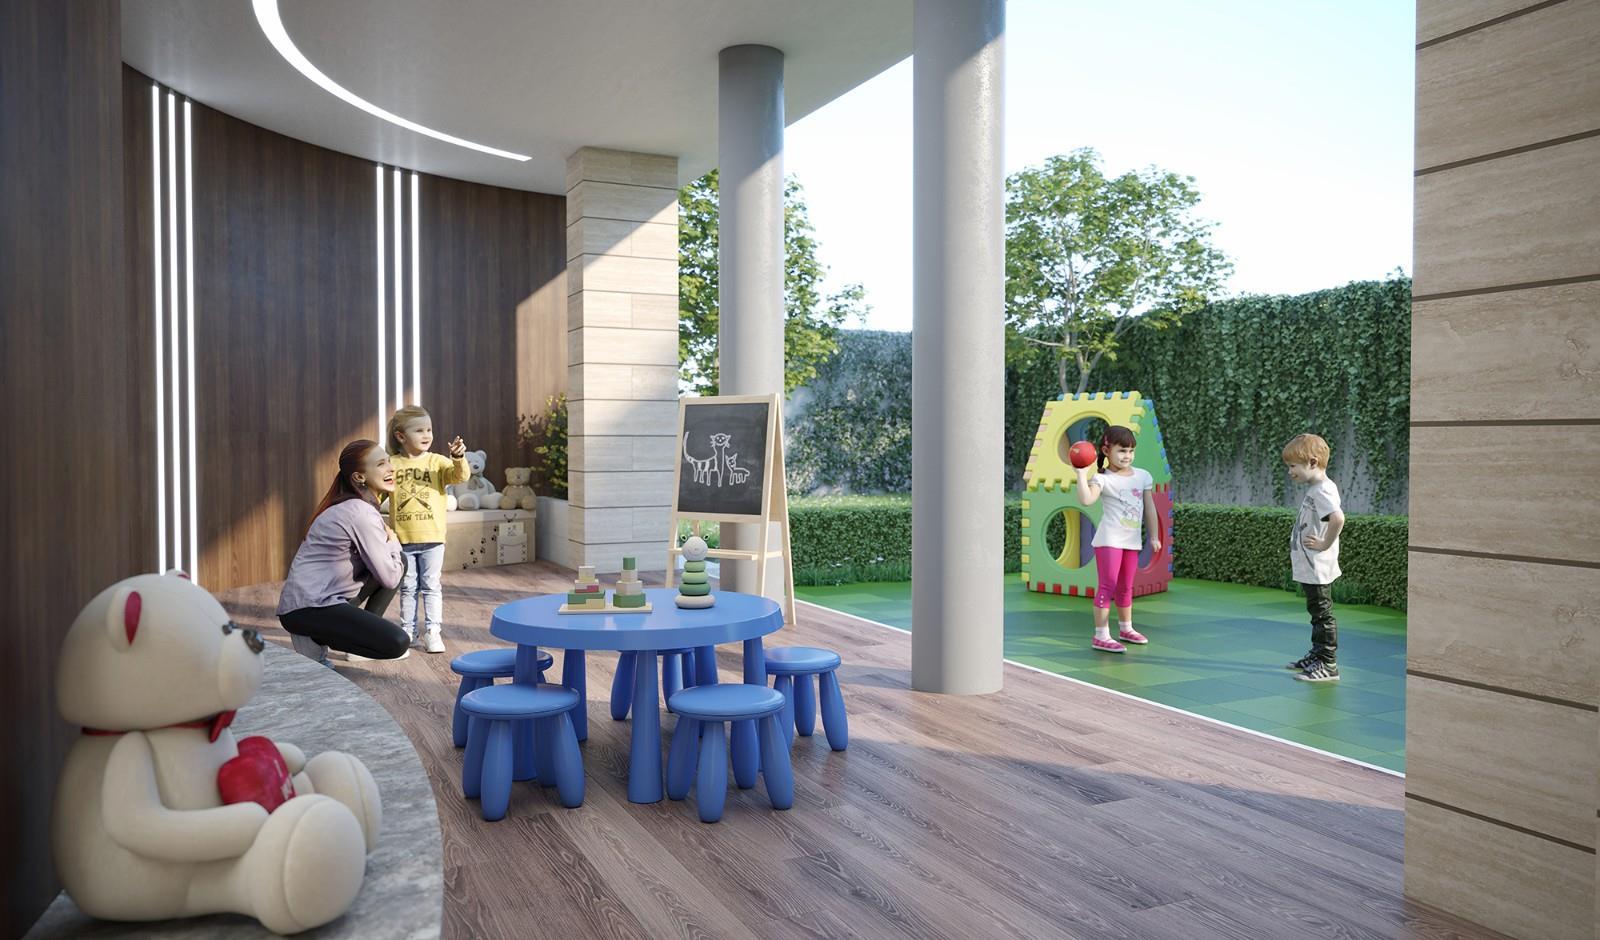 Foto 3 - Appartamento in Vendita - Monza, Zona Regina Pacis